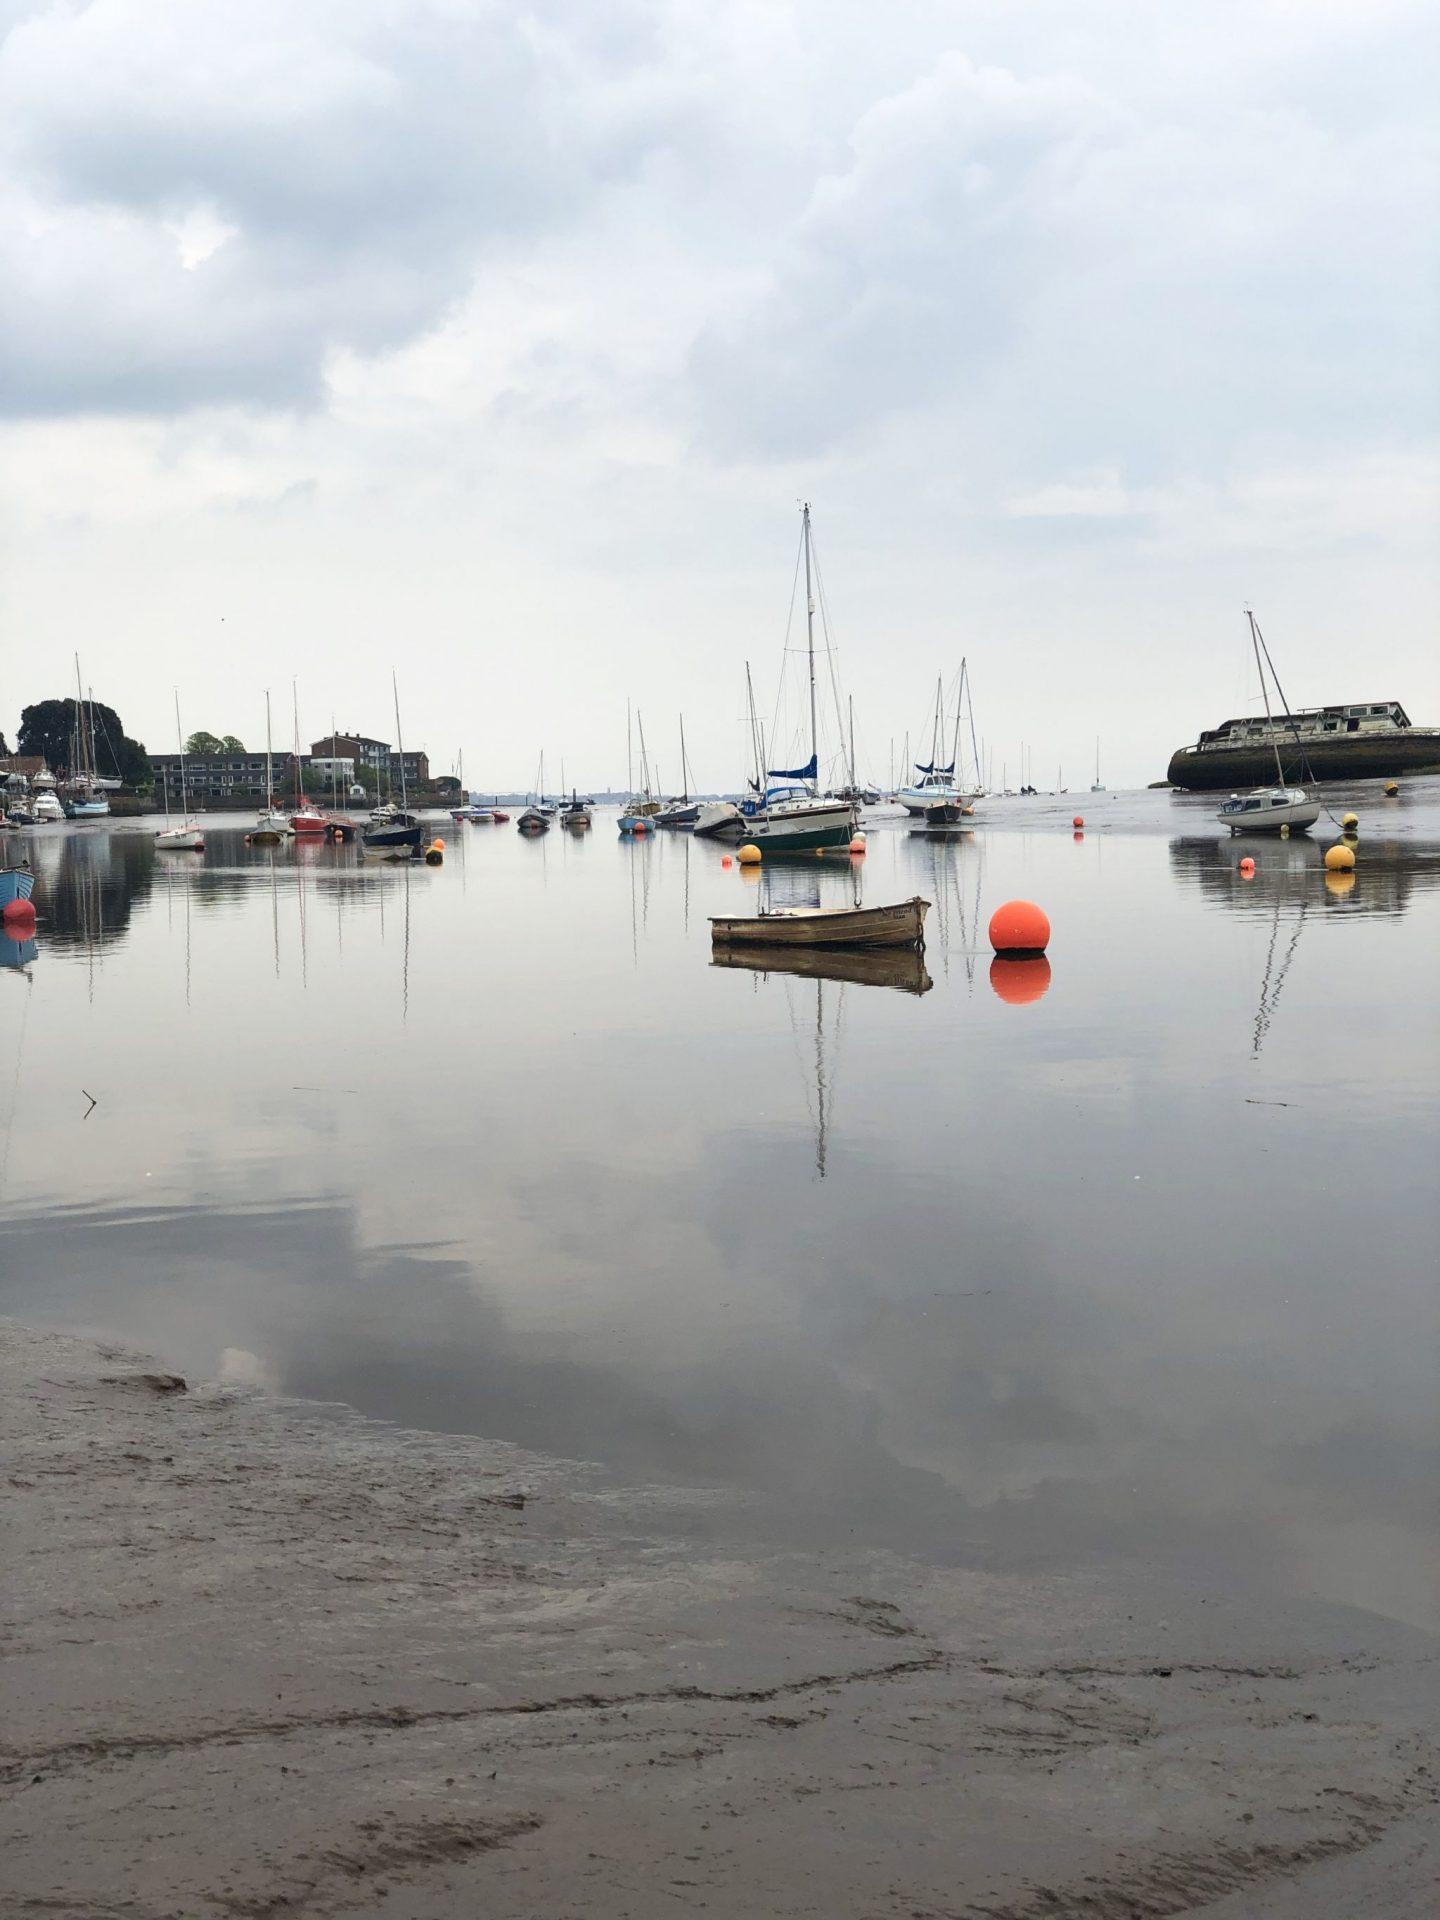 Topsham Estuary